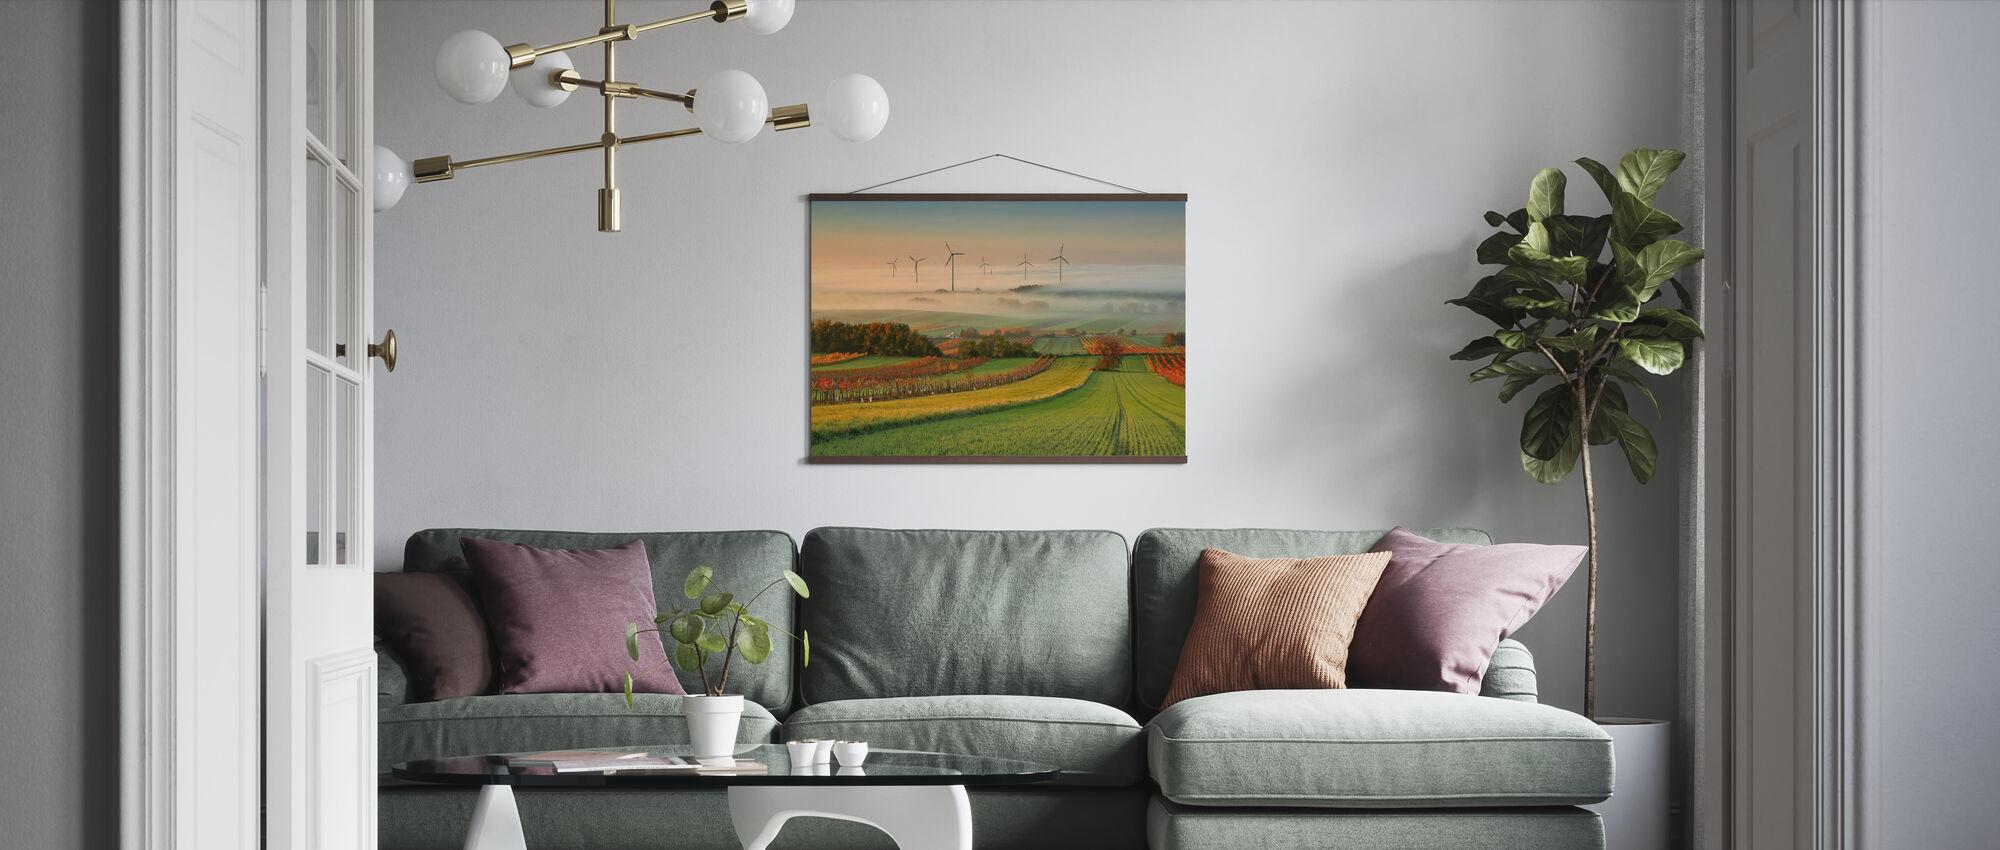 Herfstsfeer in wijngaarden - Poster - Woonkamer